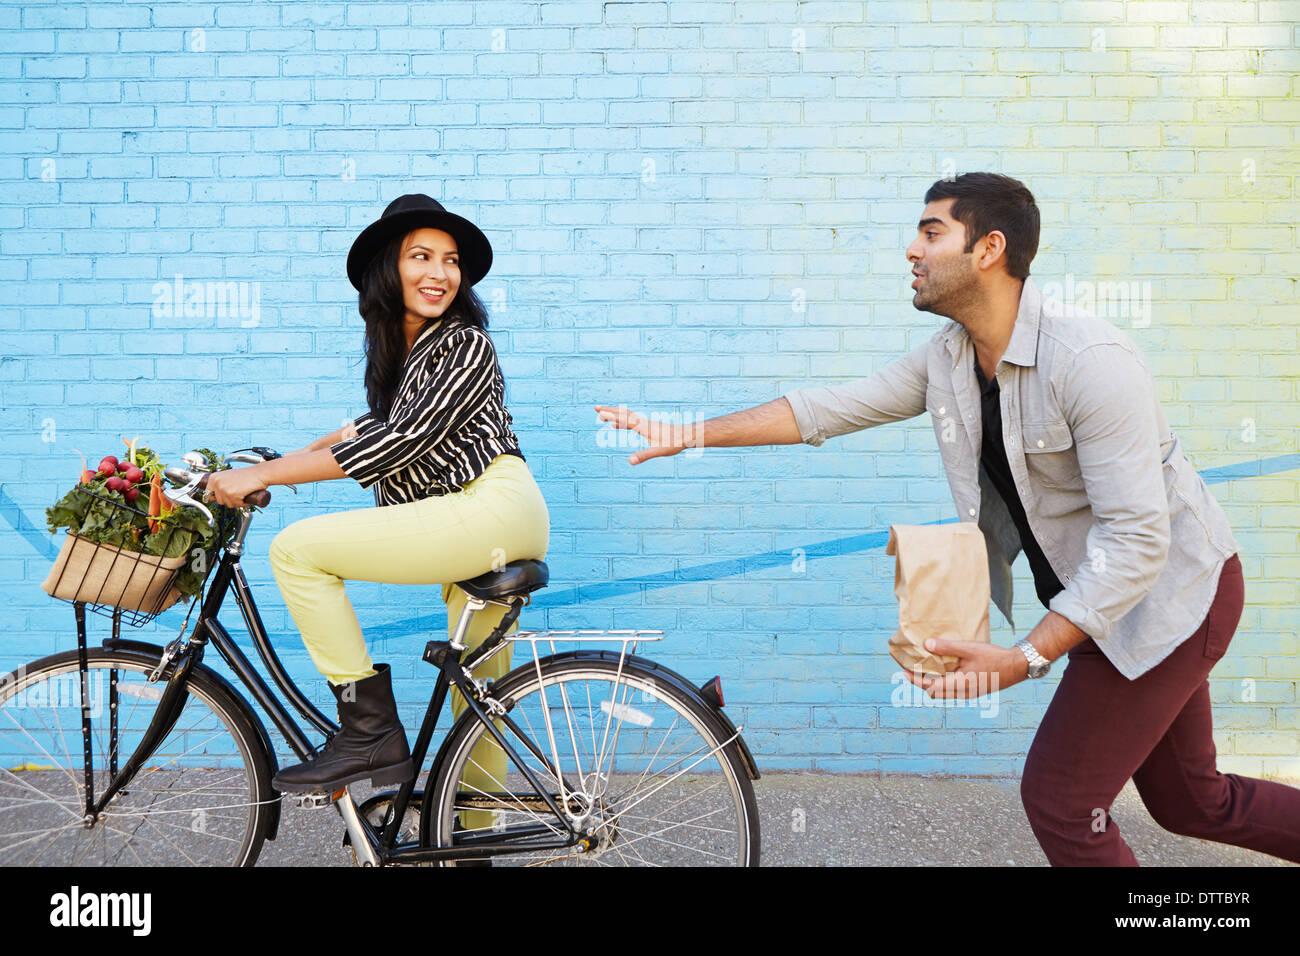 Indian man chasing petite amie sur location Banque D'Images